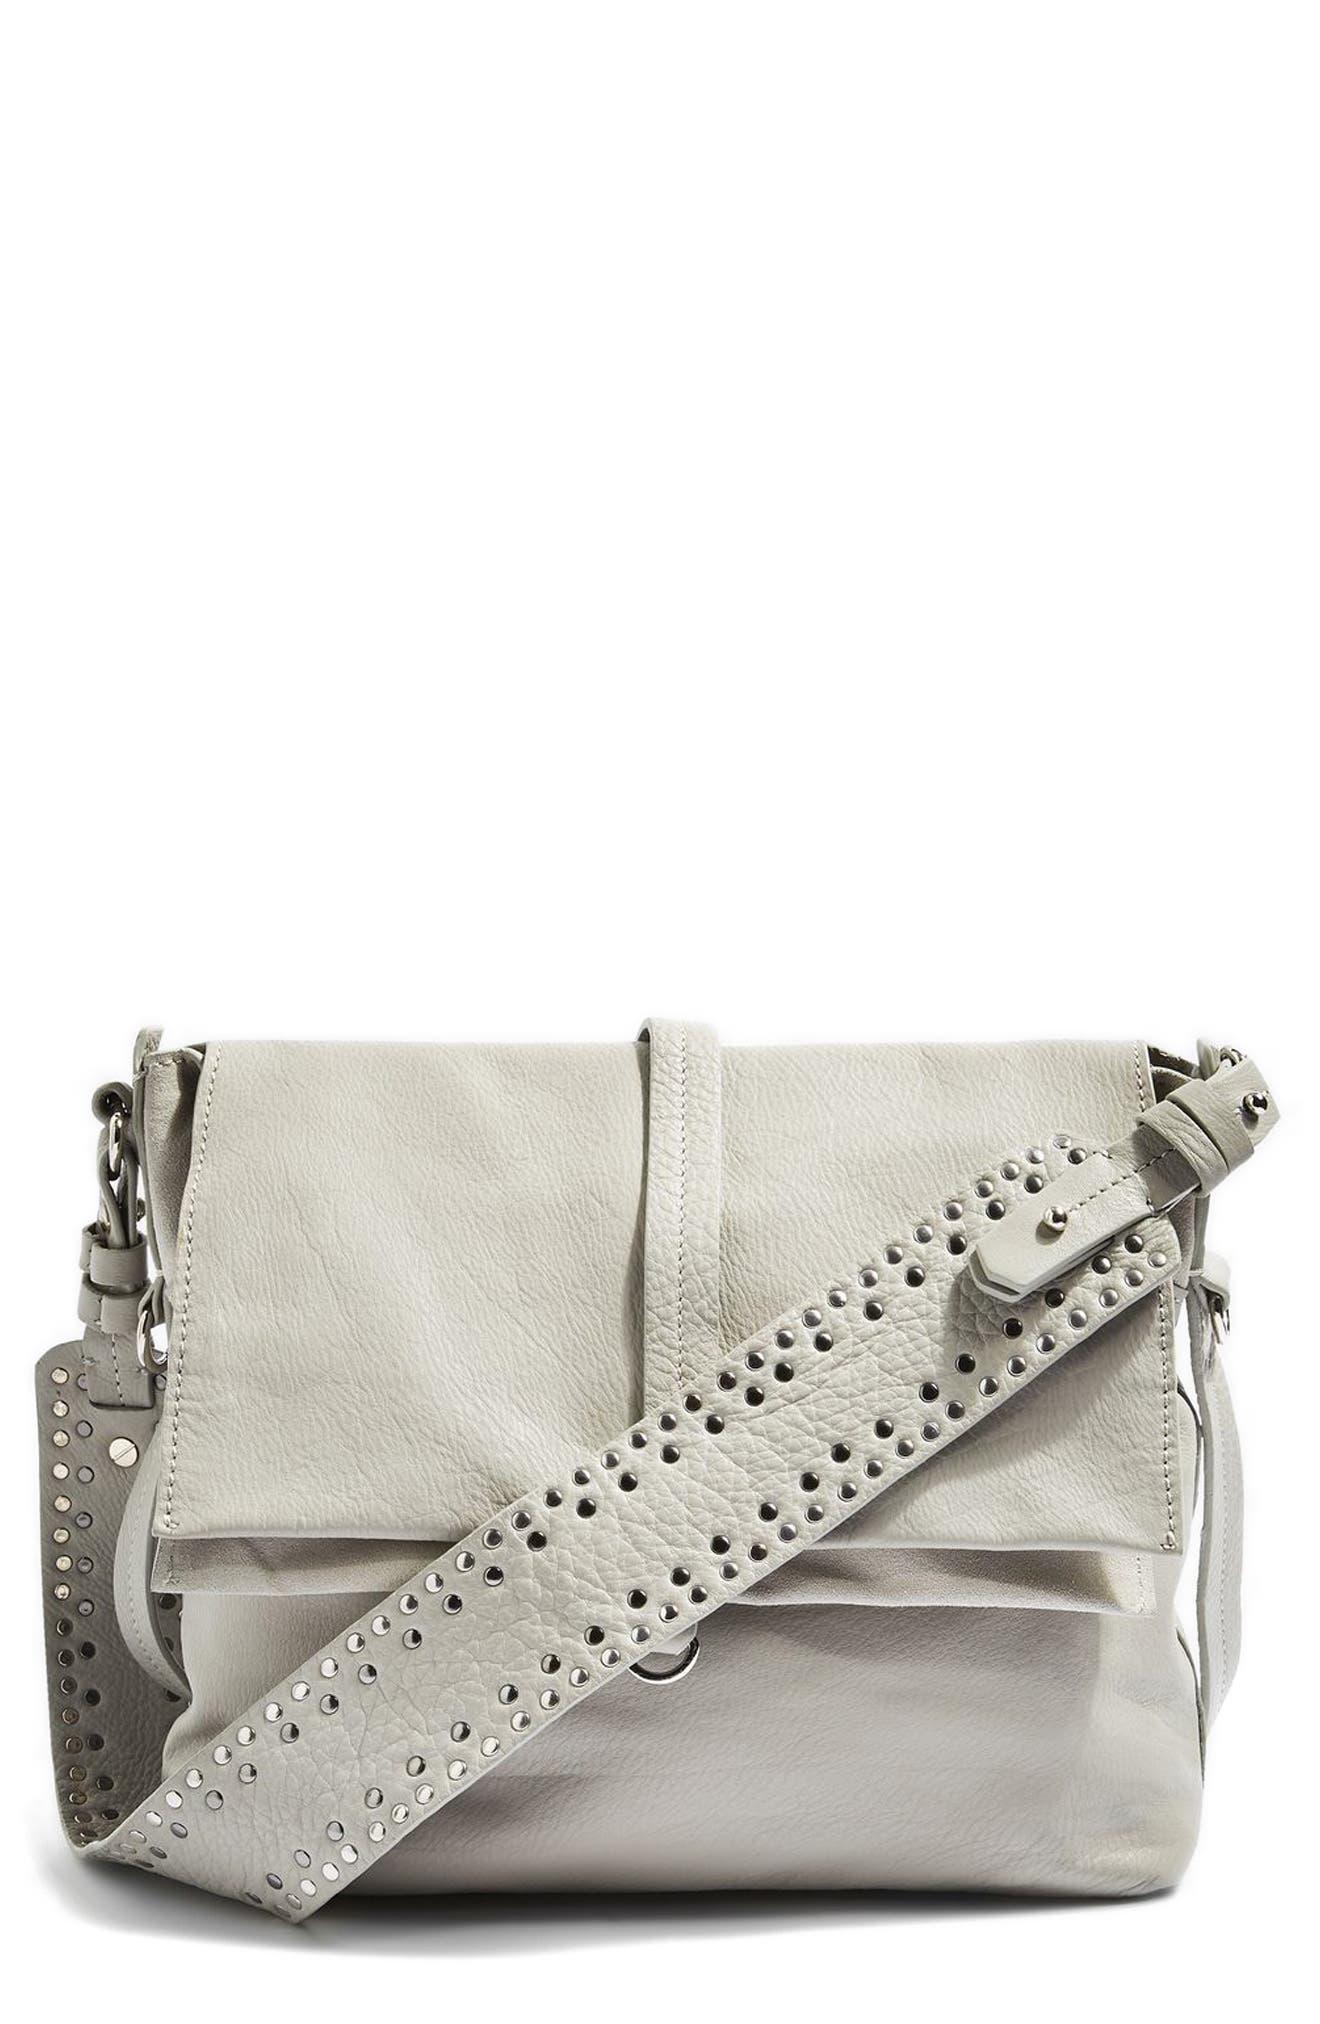 Topshop Premium Leather Studded Calfskin Hobo Bag